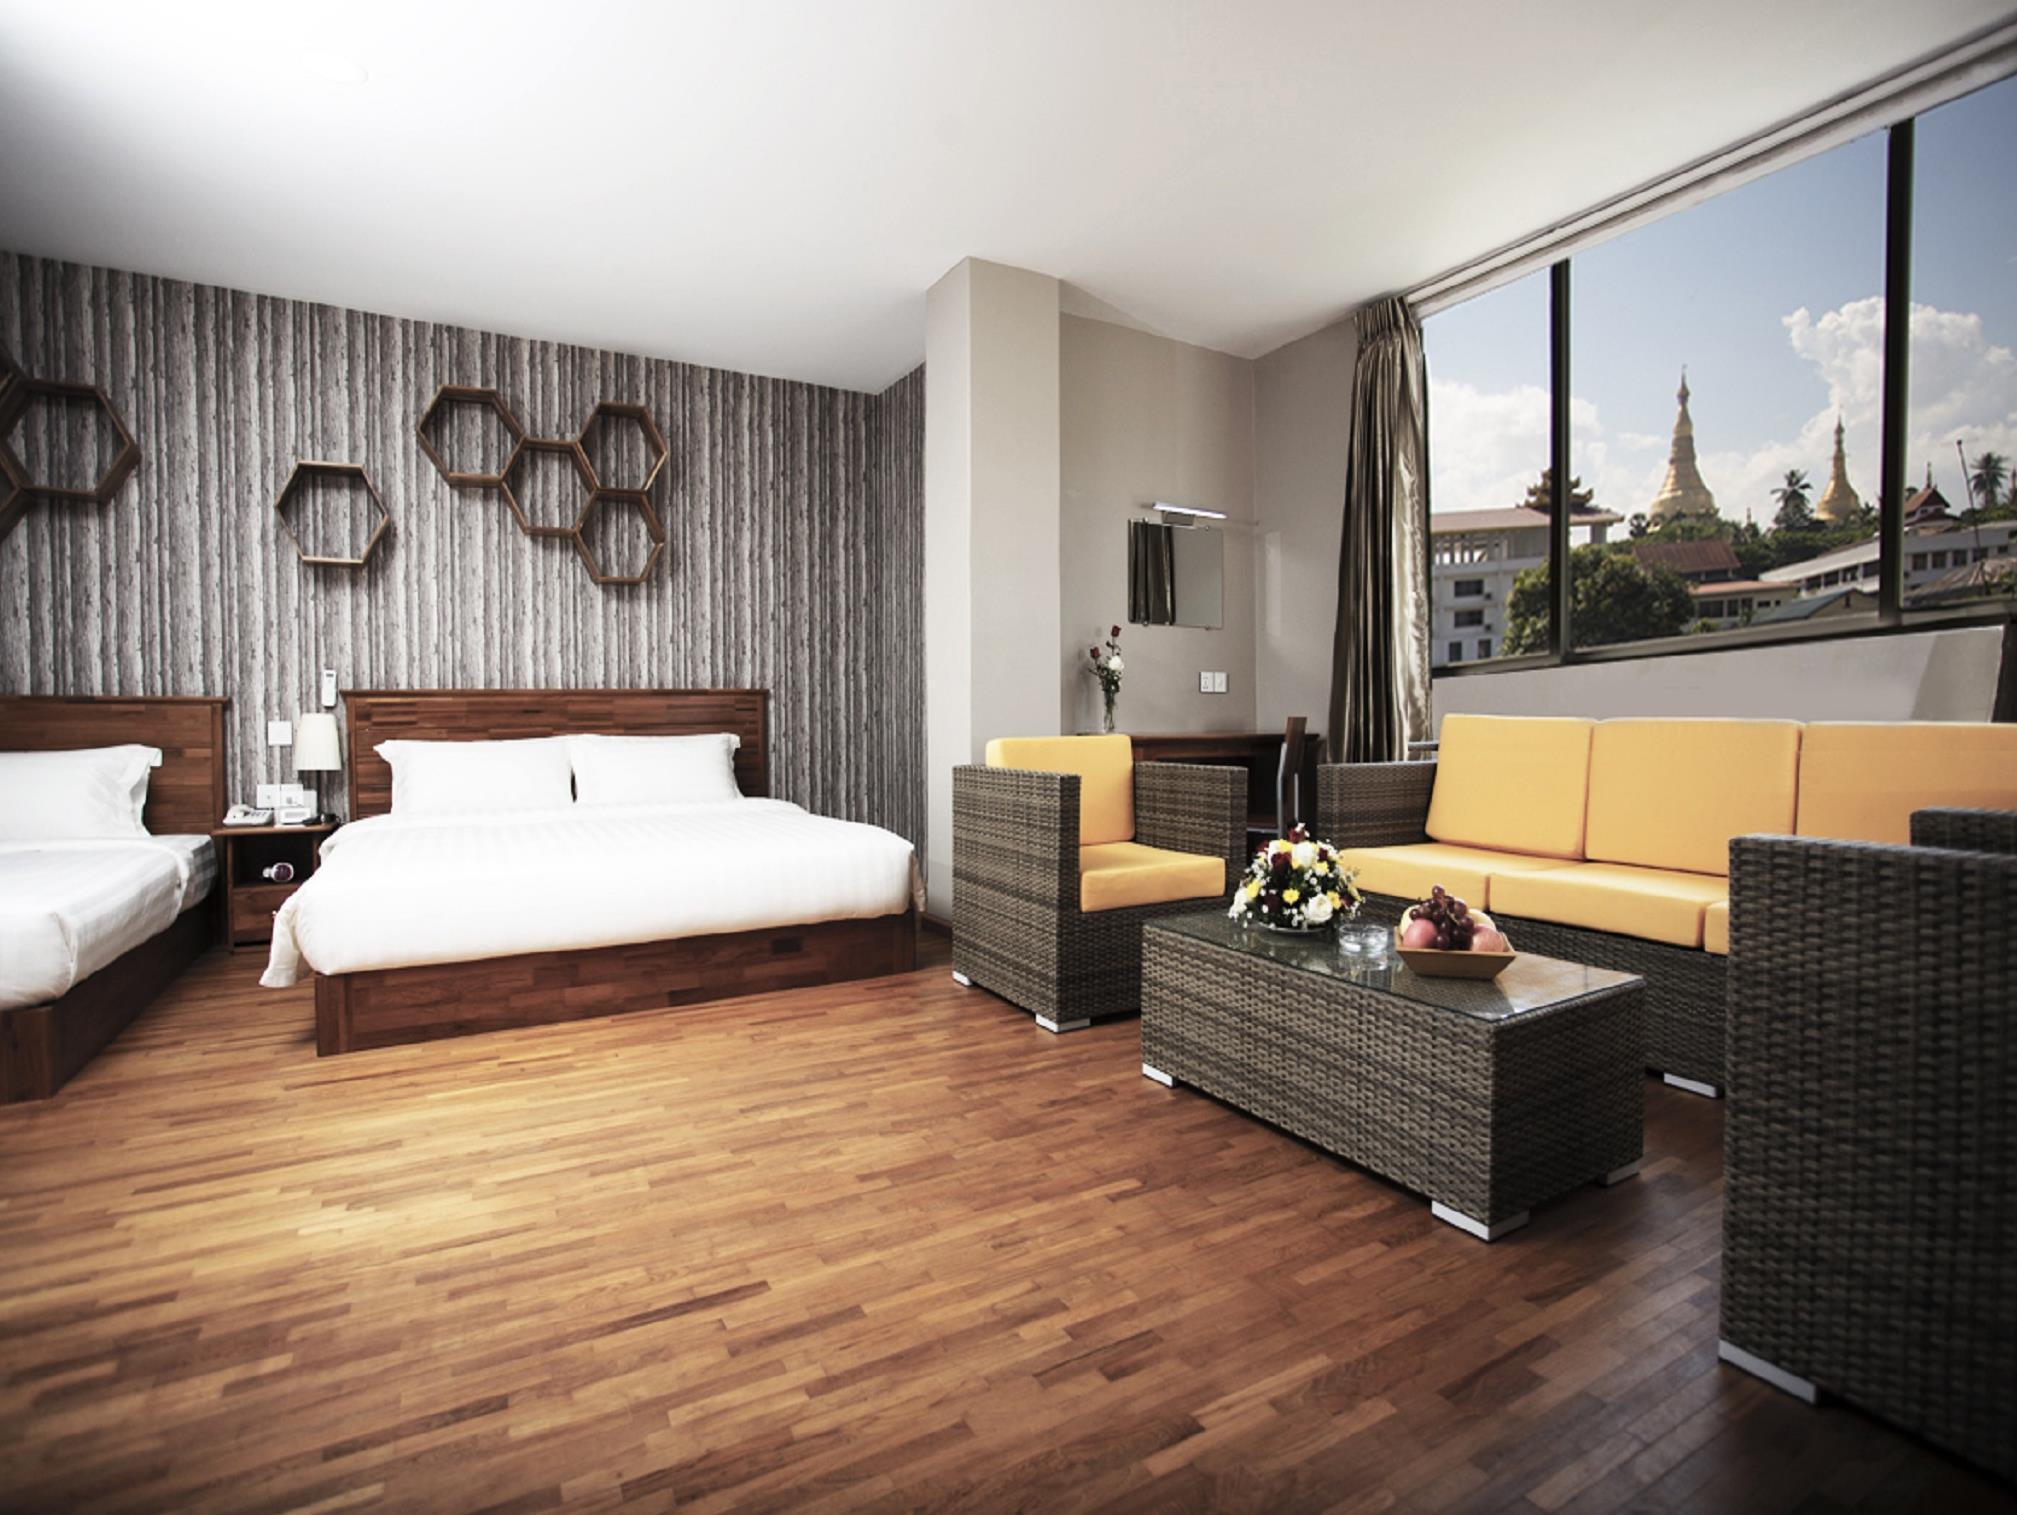 http://pix7.agoda.net/hotelImages/111/1110580/1110580_16032918550041155366.jpg